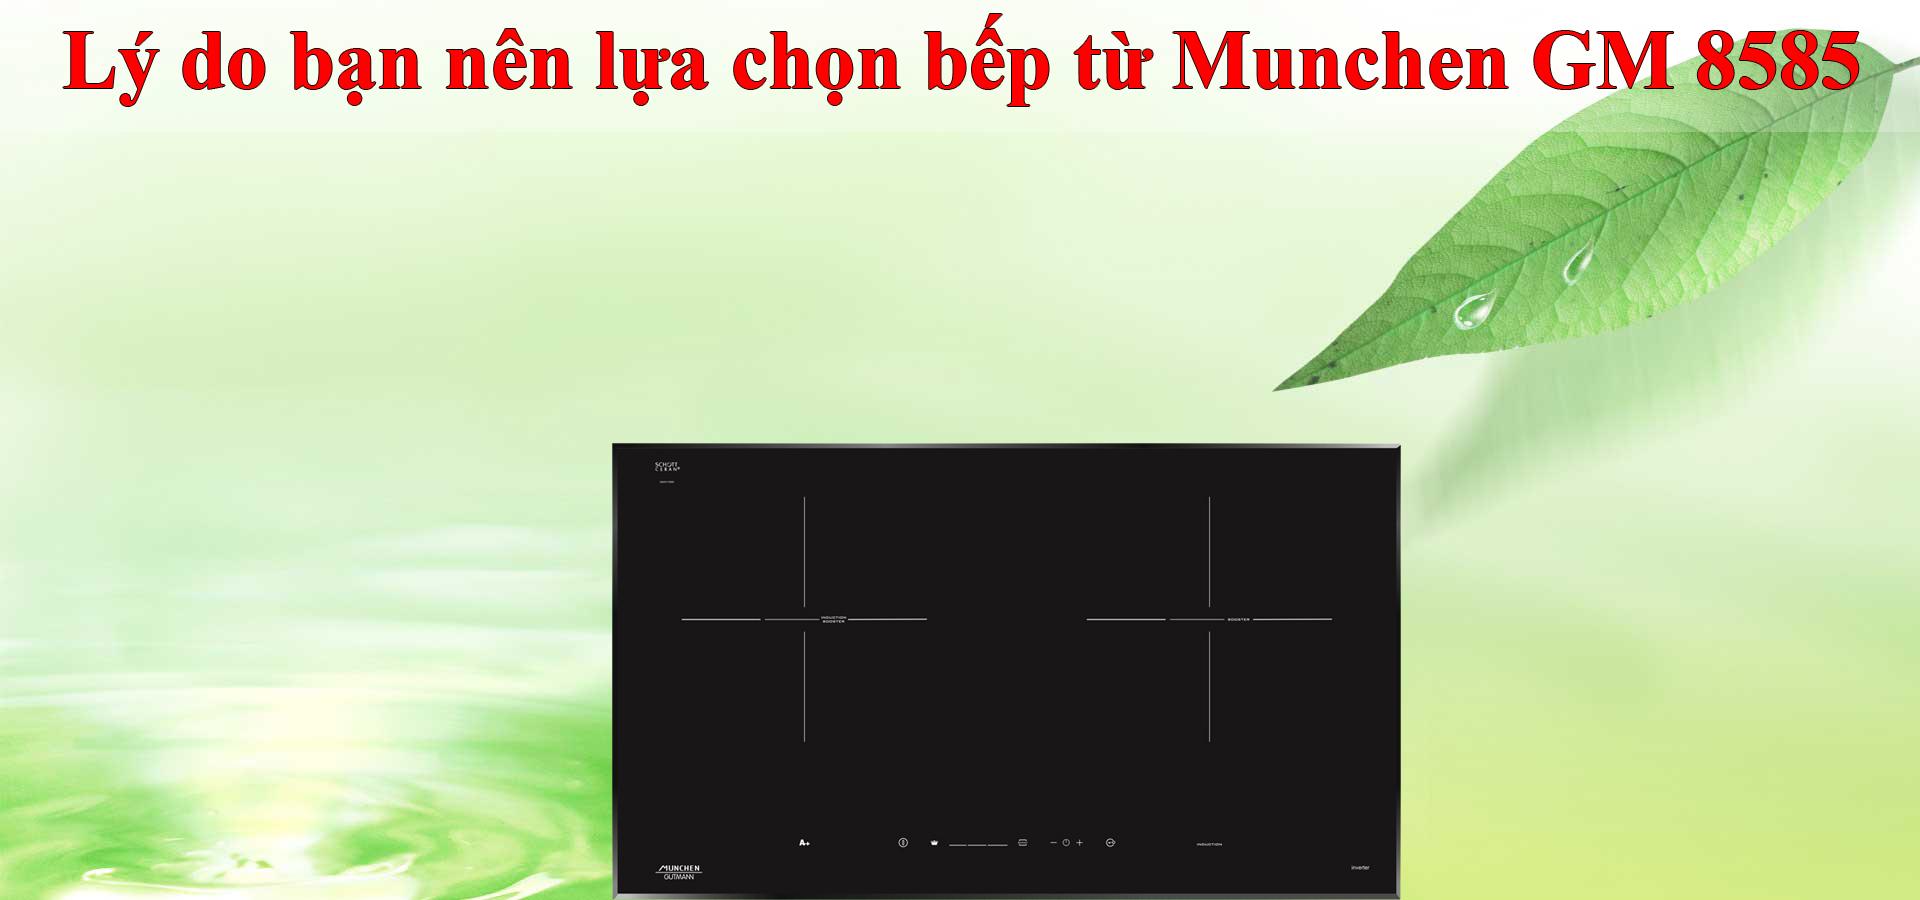 Lý do bạn nên lựa chọn bếp từ Munchen GM 8585